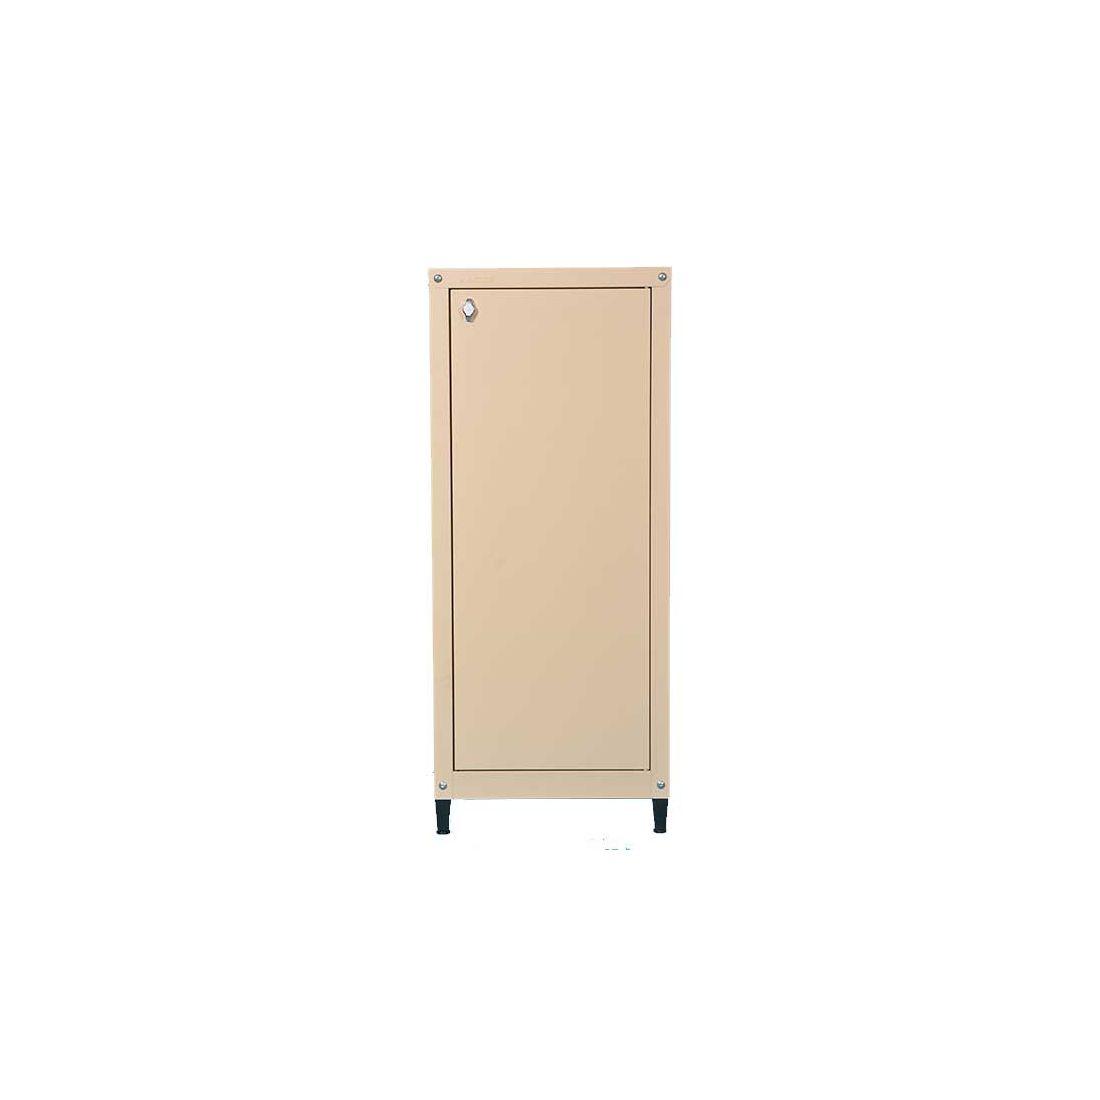 armoire metallique pour balcon et jardin 120 50 cm a 732 00 maintenant chez confort jardin